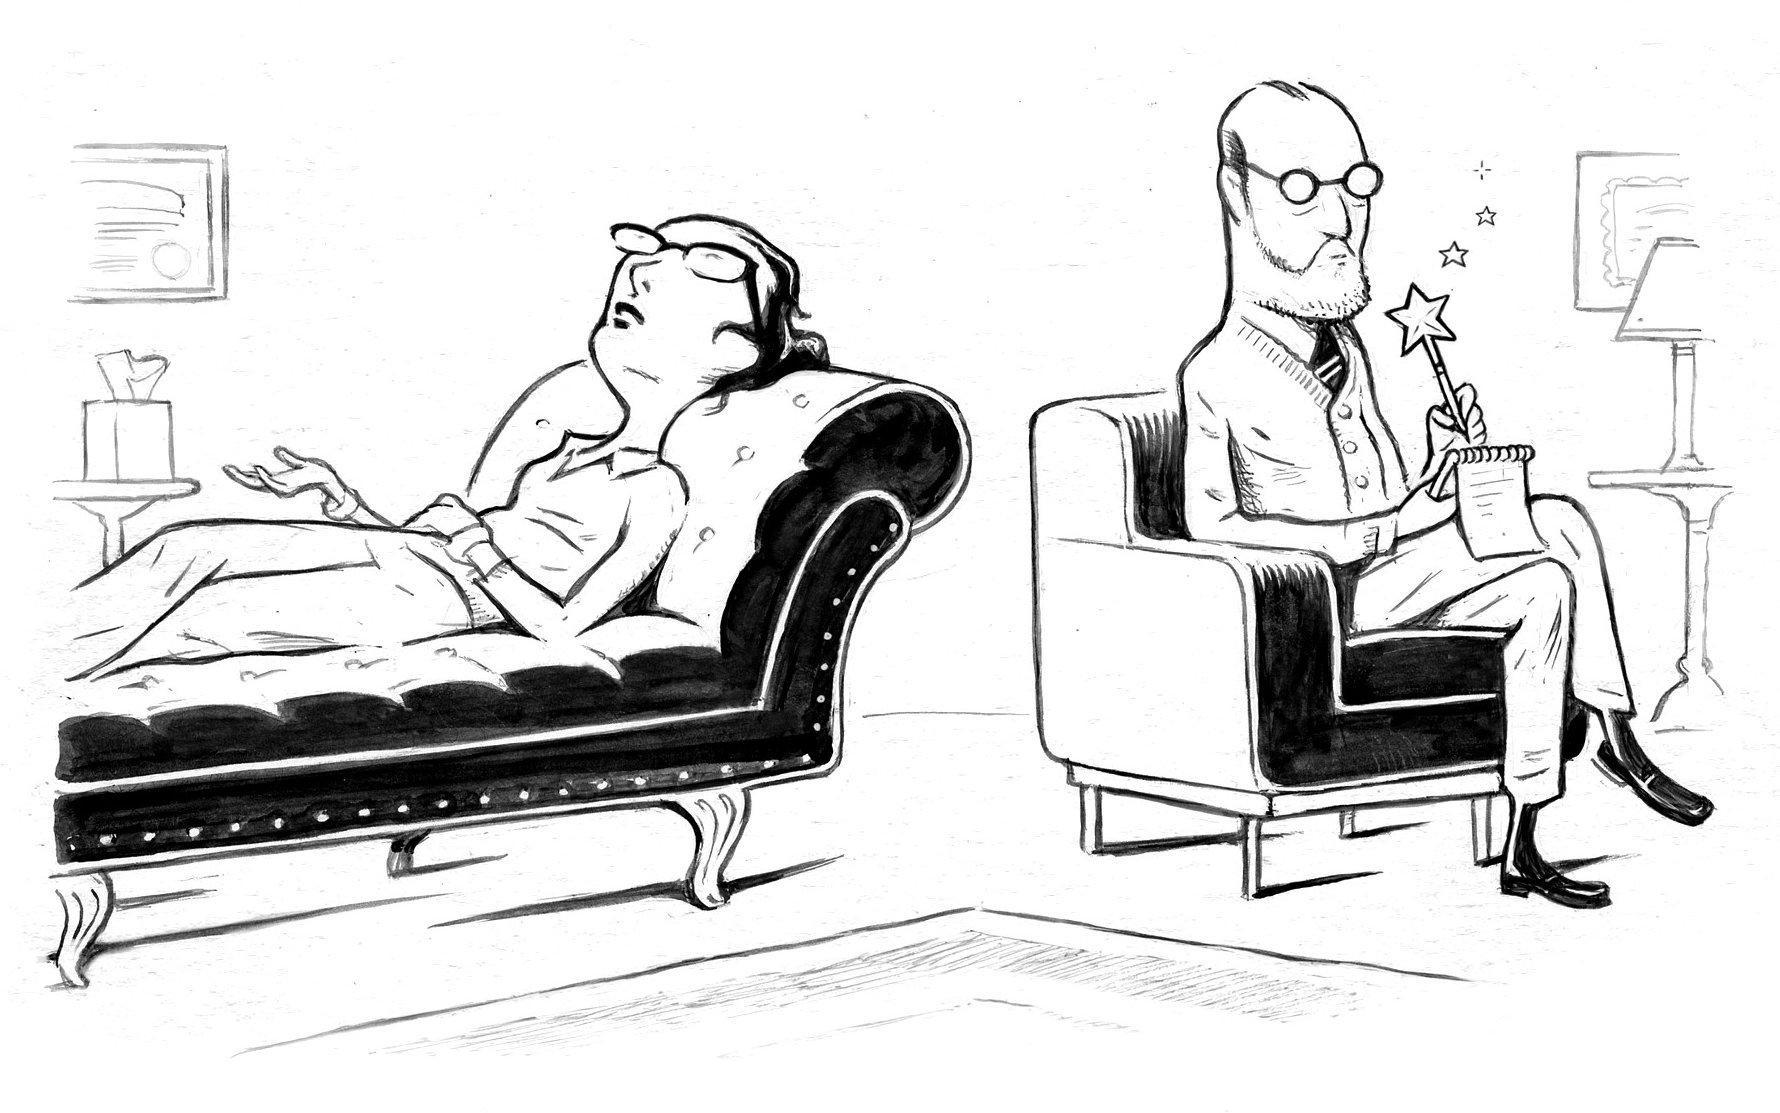 осенью психолог картинки интересные следует отличать стимулирования